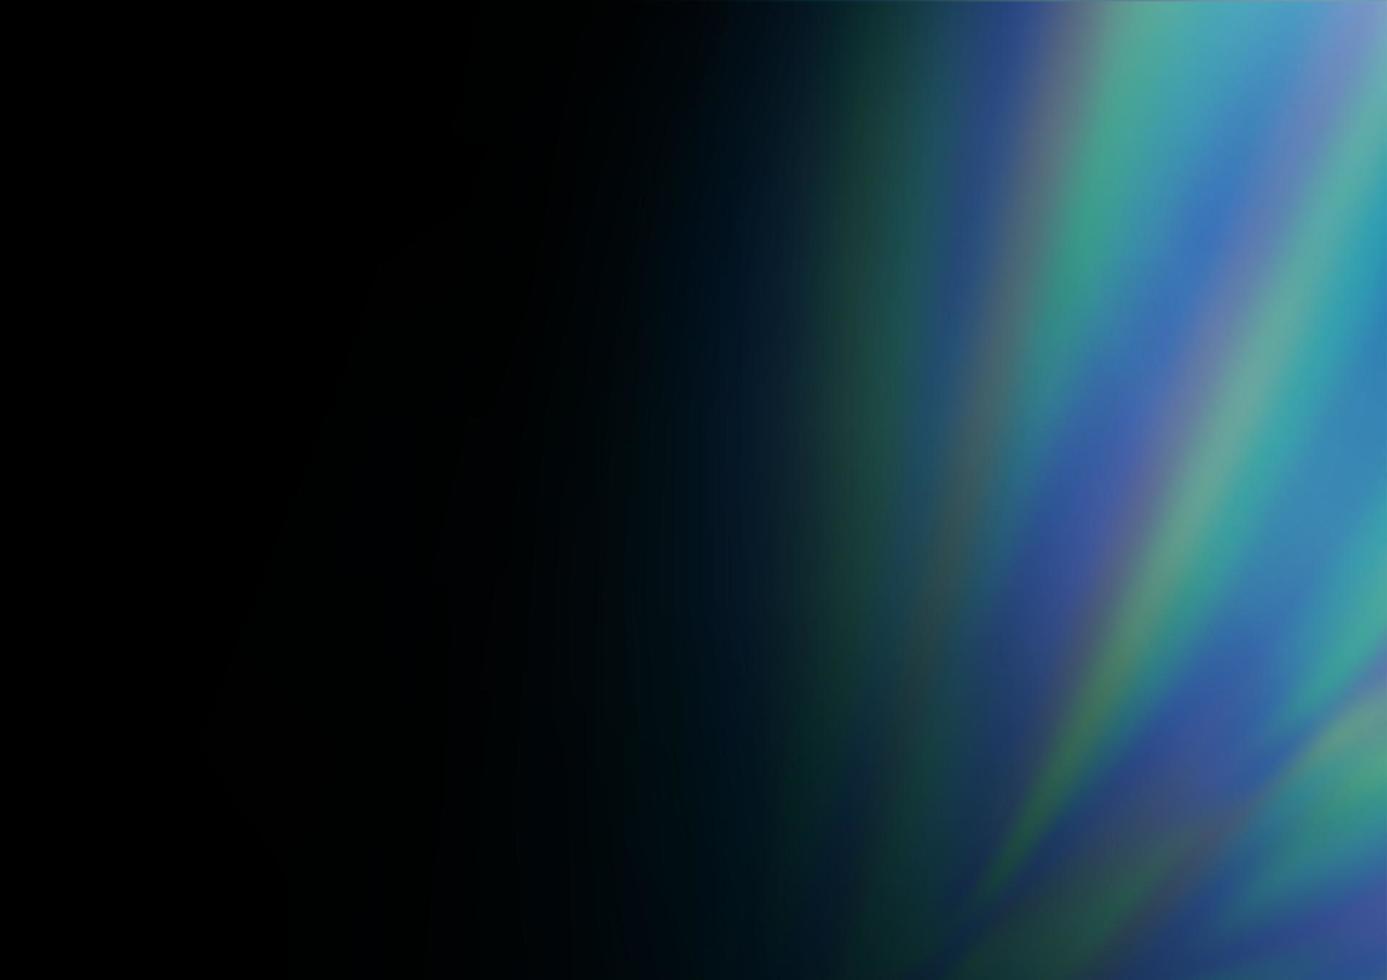 modelo abstrato brilhante de vetor azul escuro.